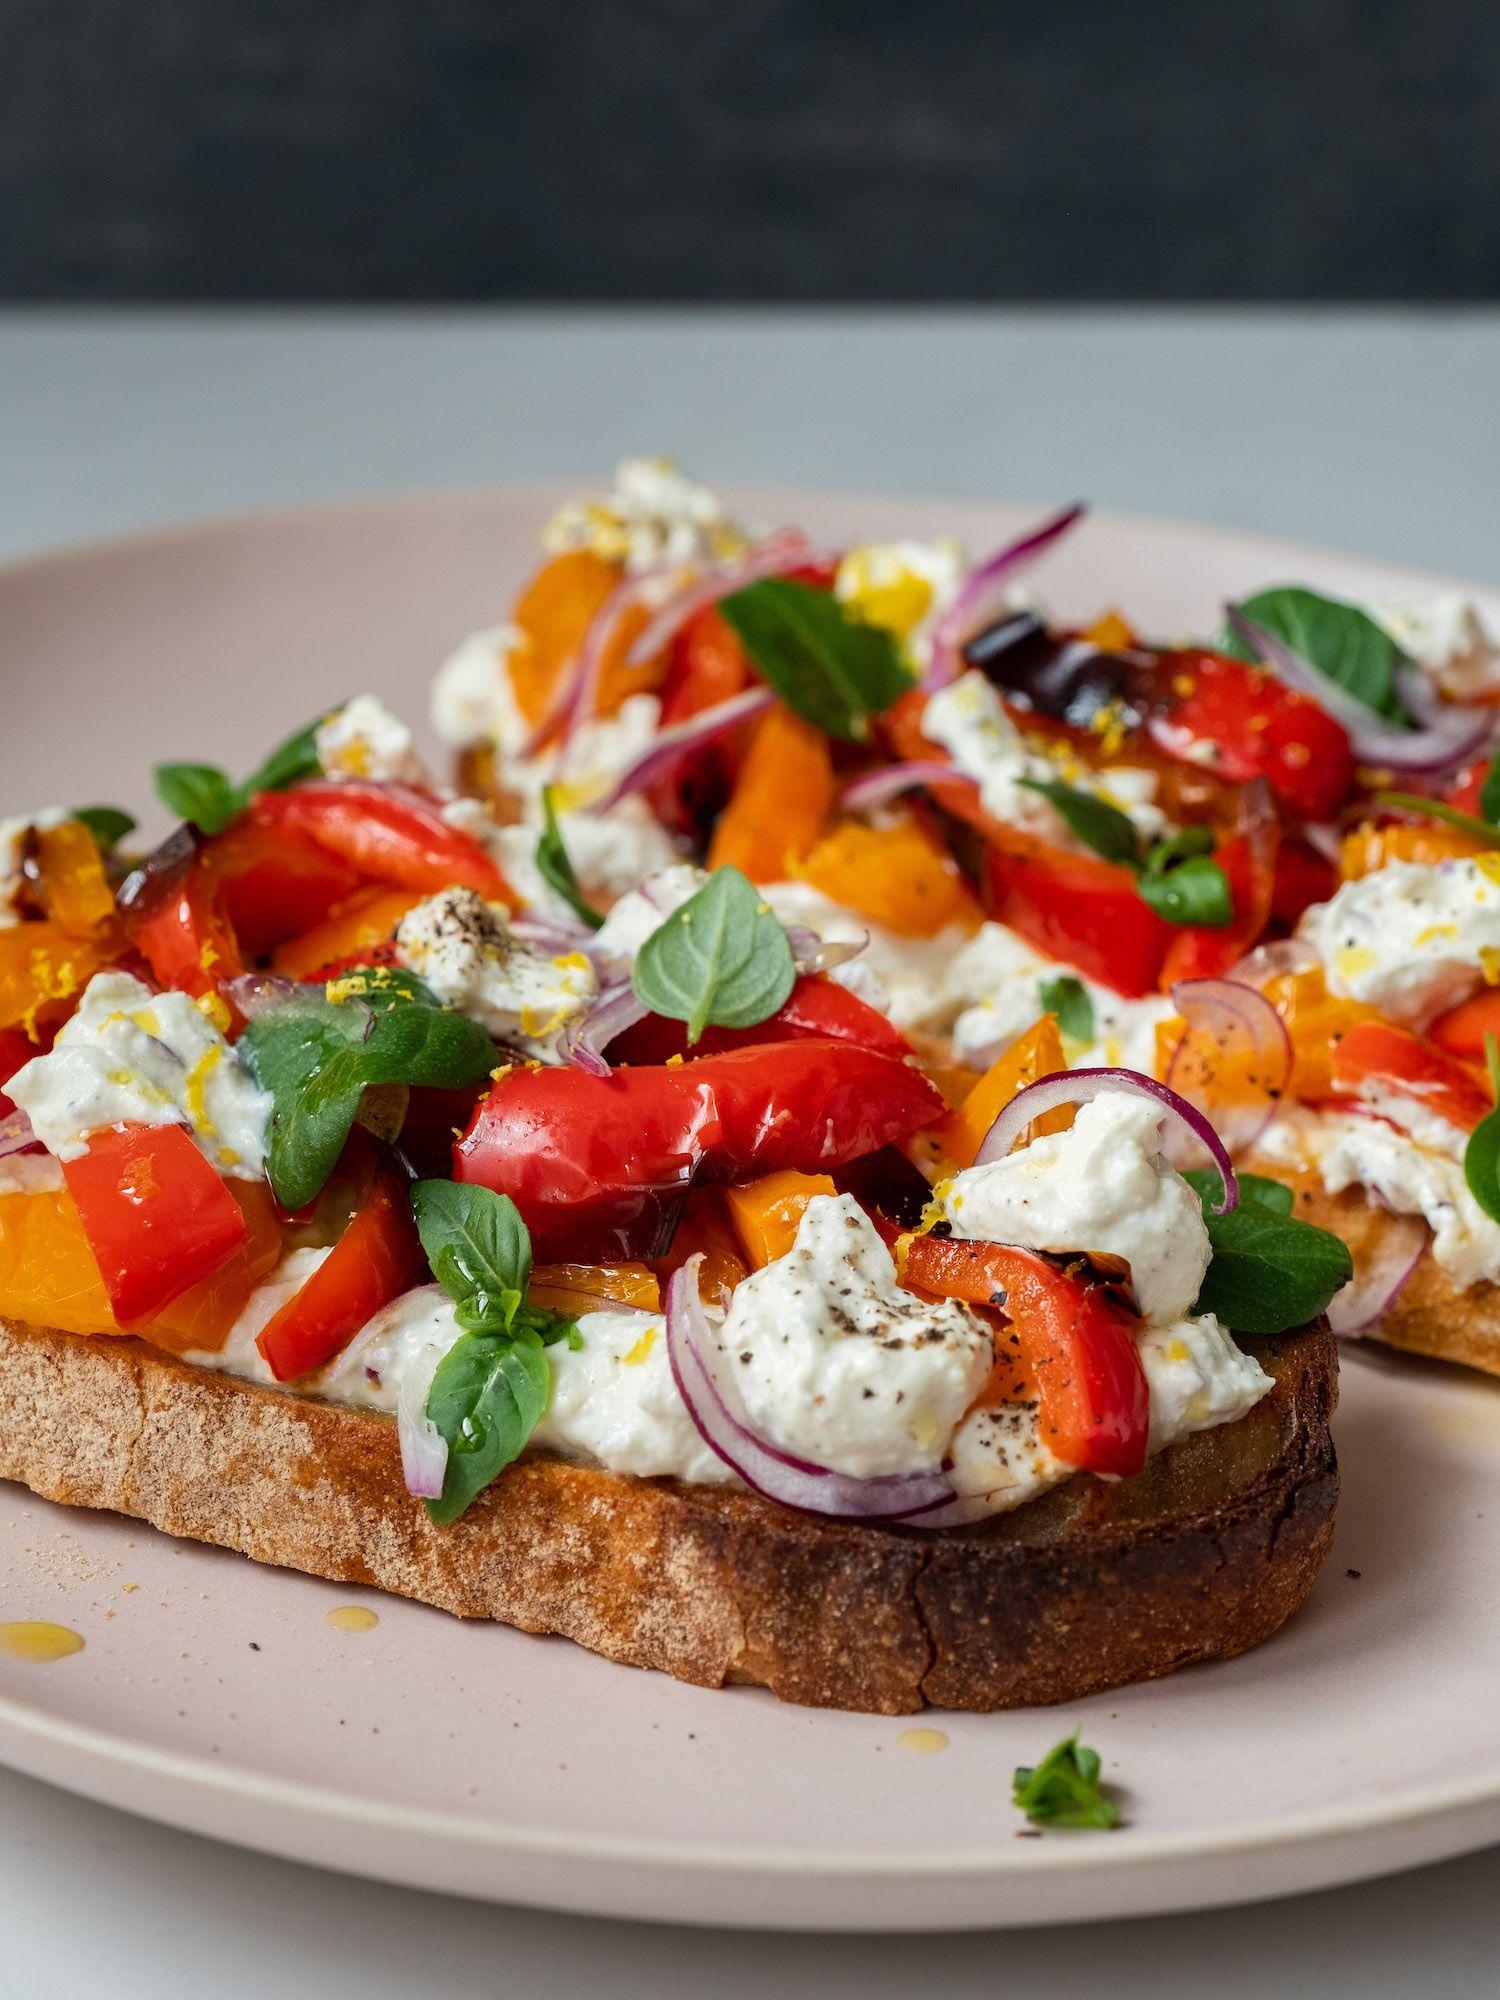 Rezept: Sandwich mit Zitronenricotta und gegrillter Paprika | ABOUT FUEL